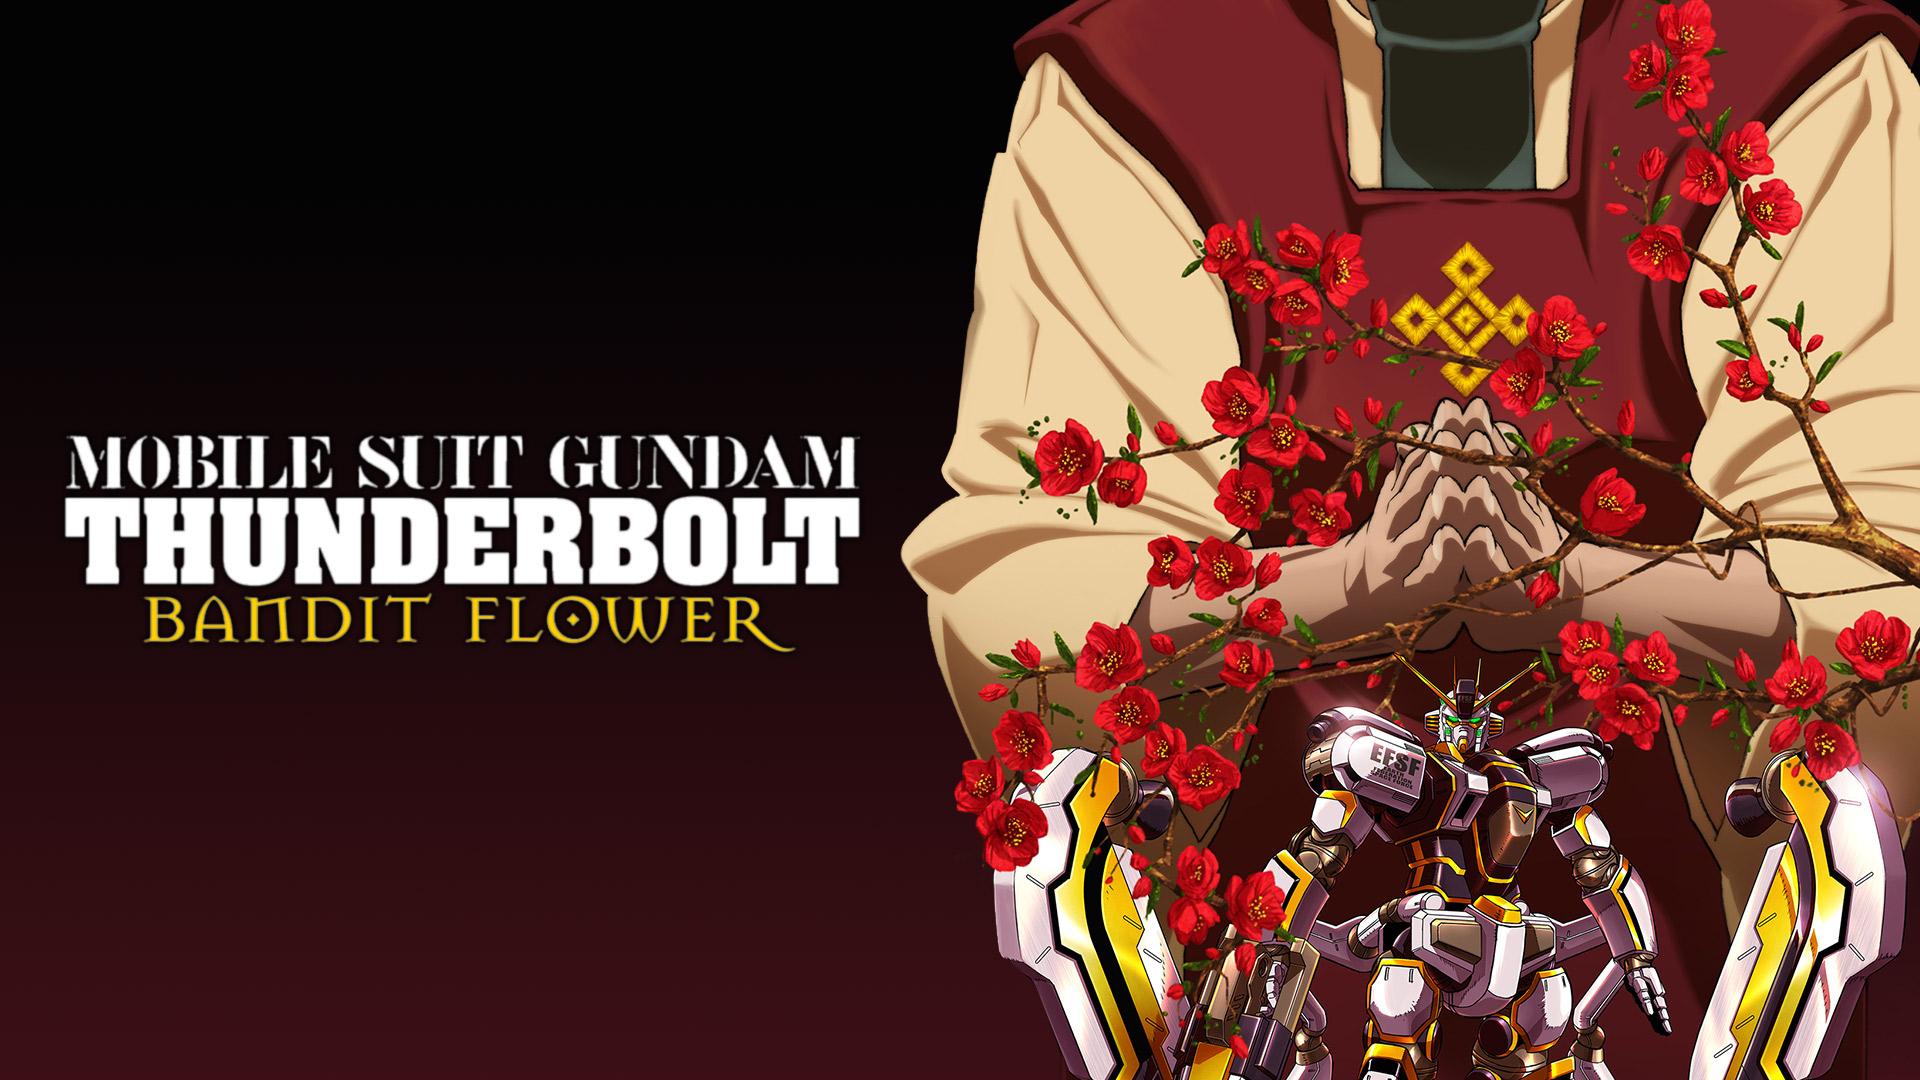 機動戦士ガンダム サンダーボルト BANDIT FLOWER(セル版)